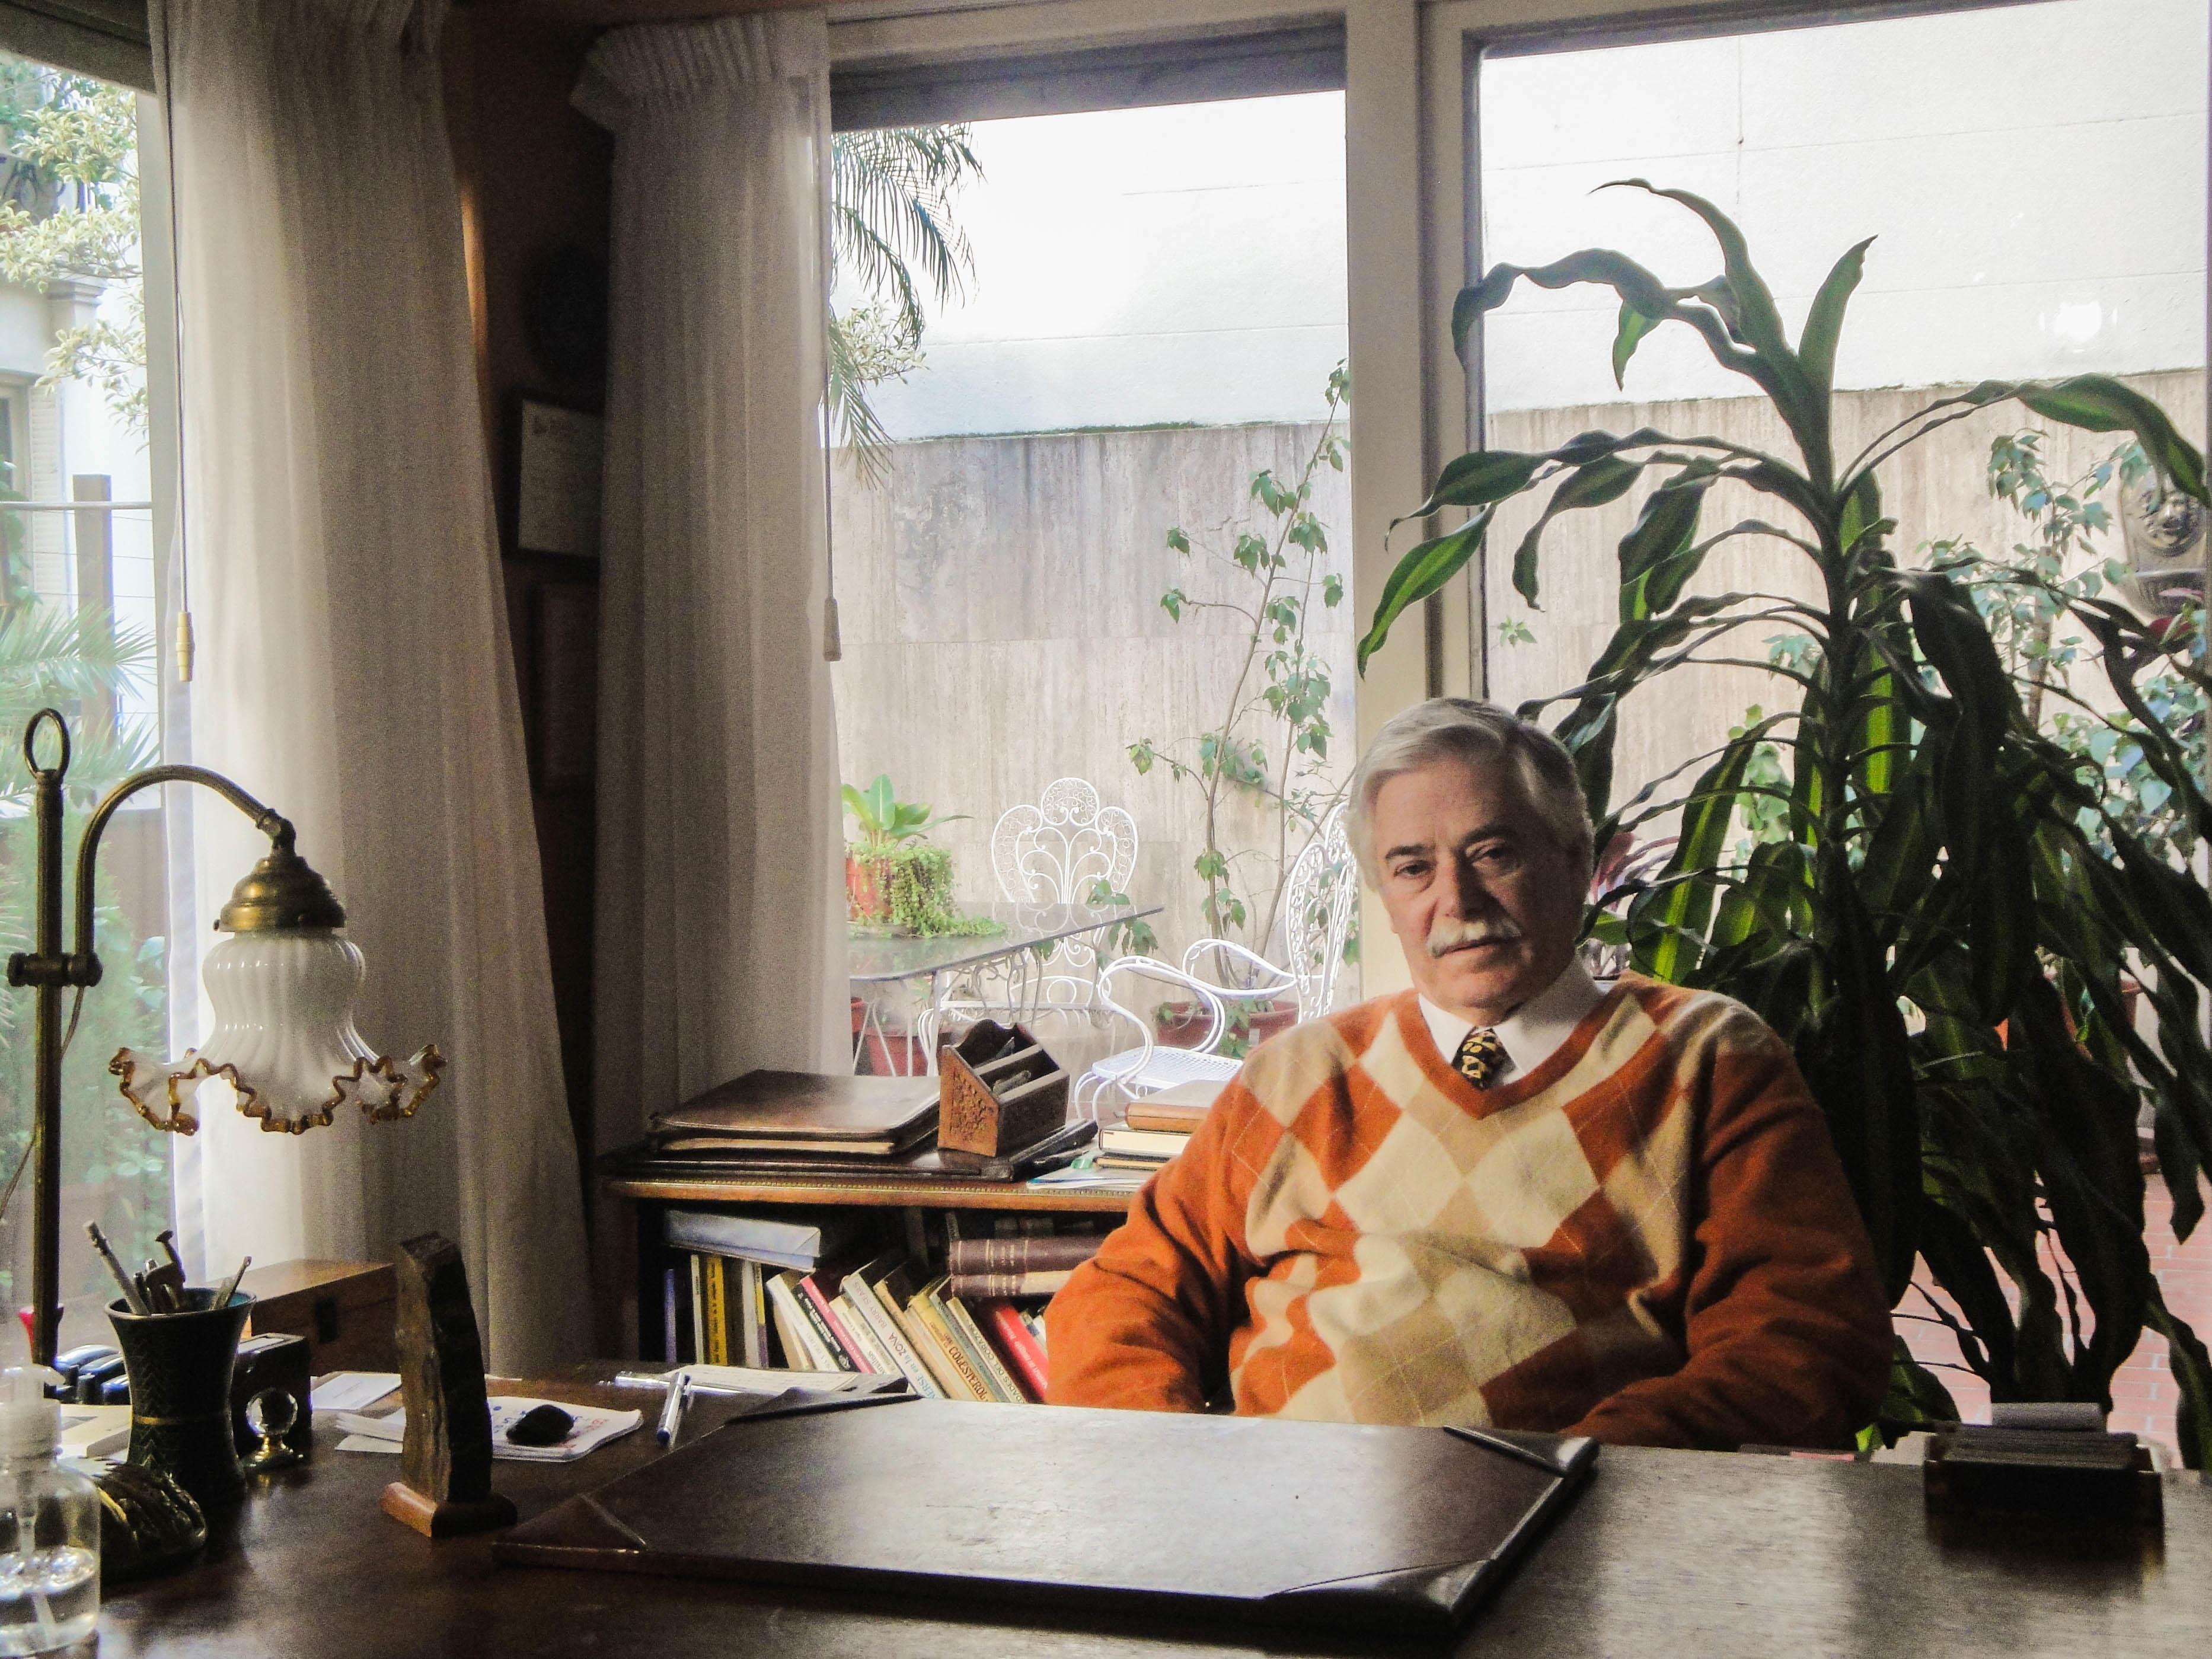 Dr. en psicologia clinica Guillermo Sacca